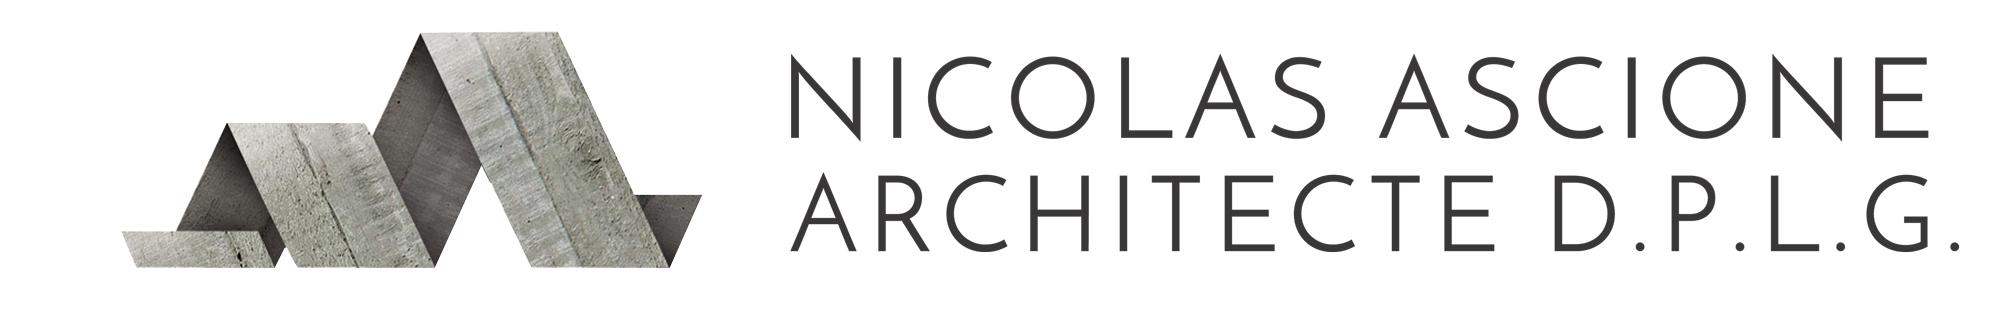 NICOLAS ASCIONE ARCHITECTE D.P.L.G.